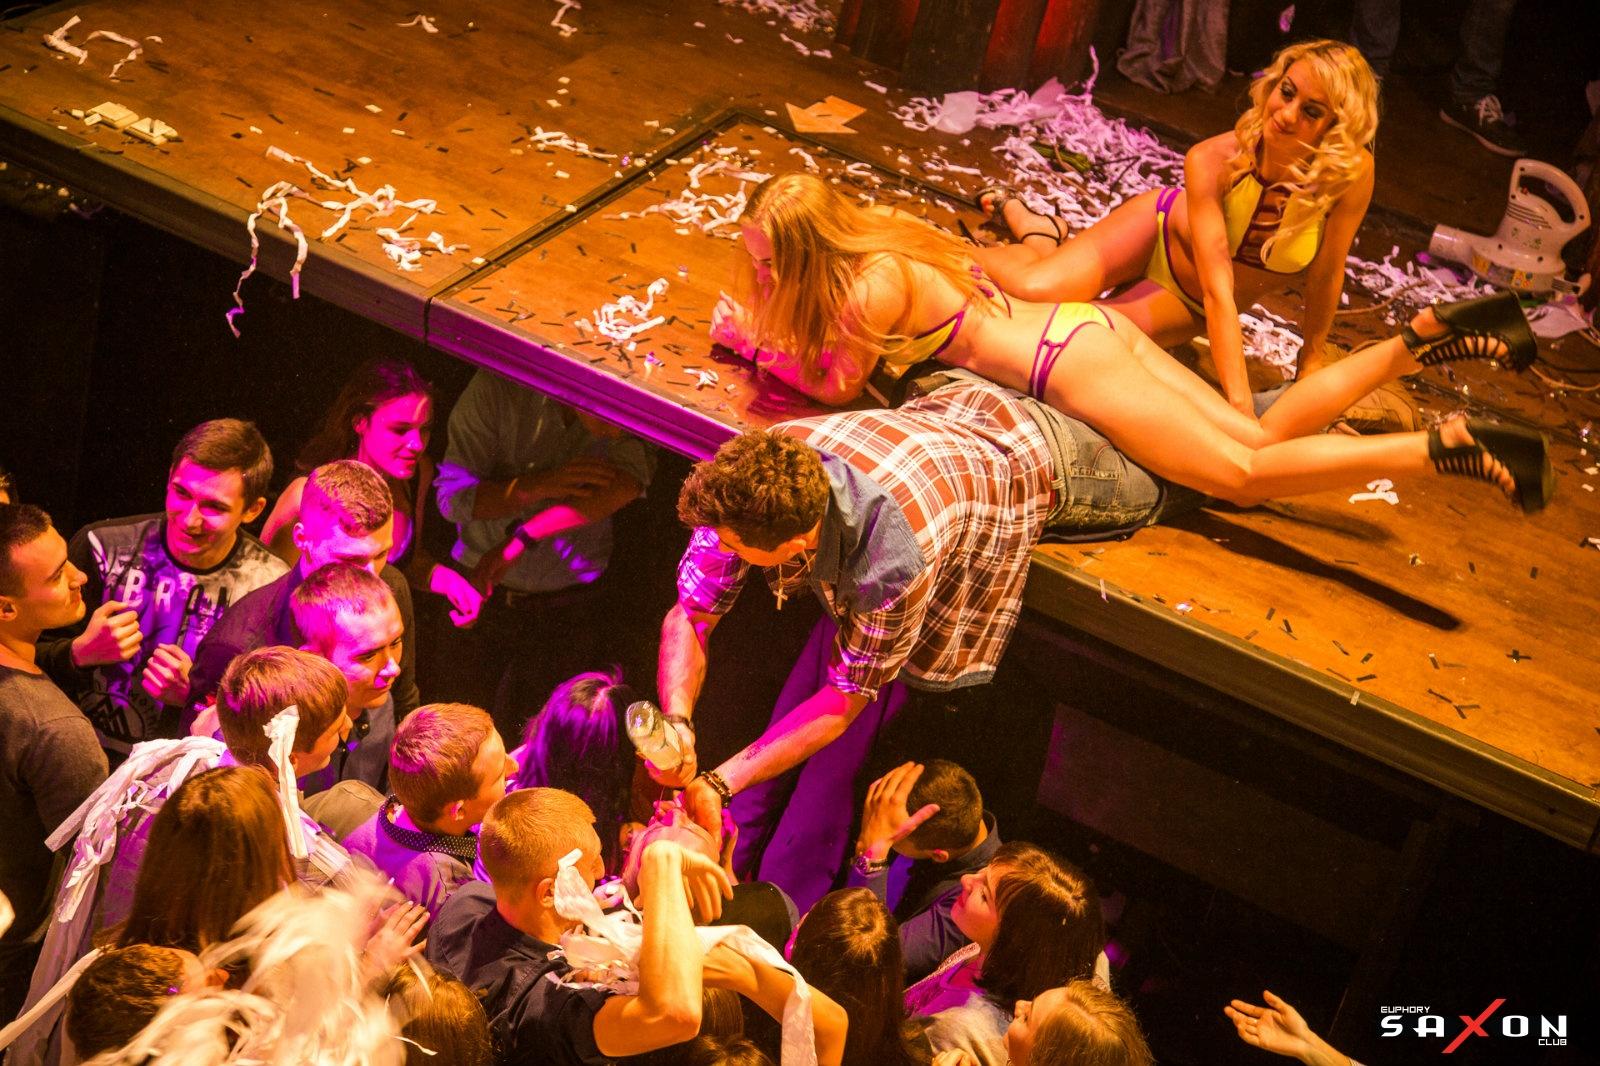 Смотреть онлайн жёсткая вечеринка, Порно вечеринки - бесстыдные Секс Вечеринки пьяных 1 фотография